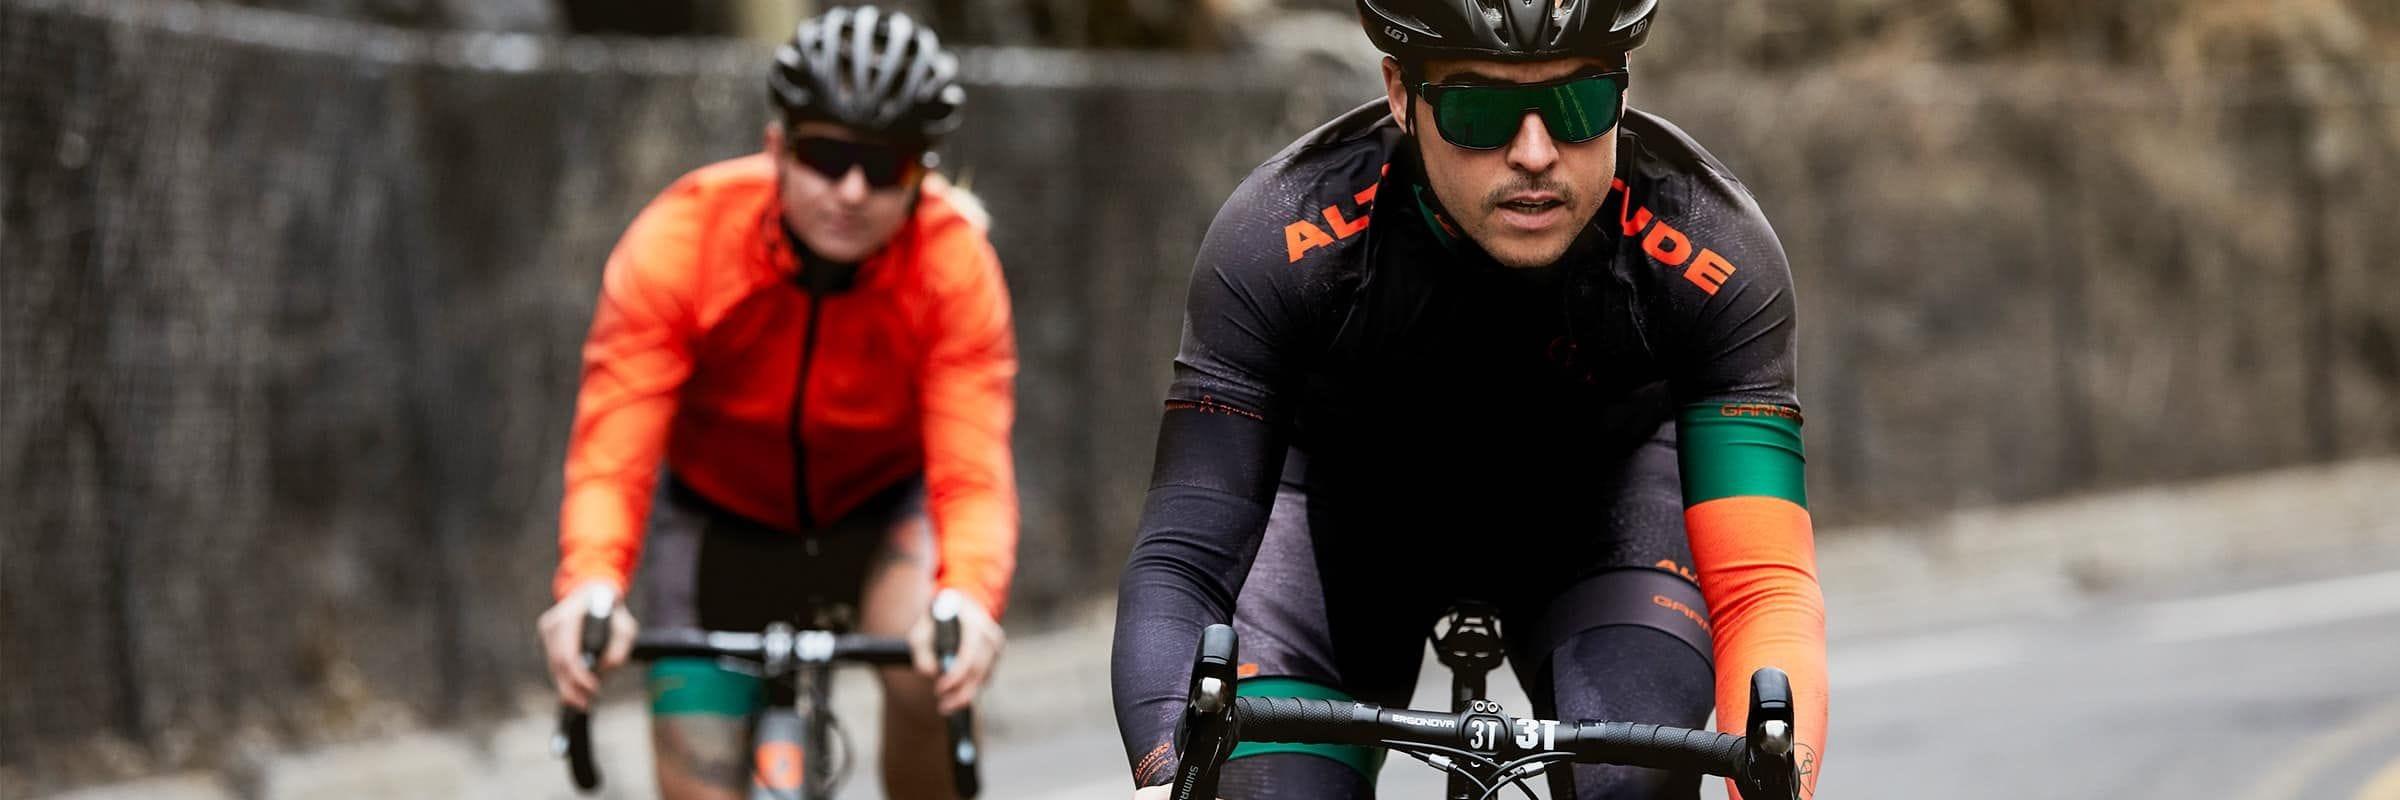 . Ensemble de vélo Altitude Sports X Garneau: l'édition 2019 est arrivée